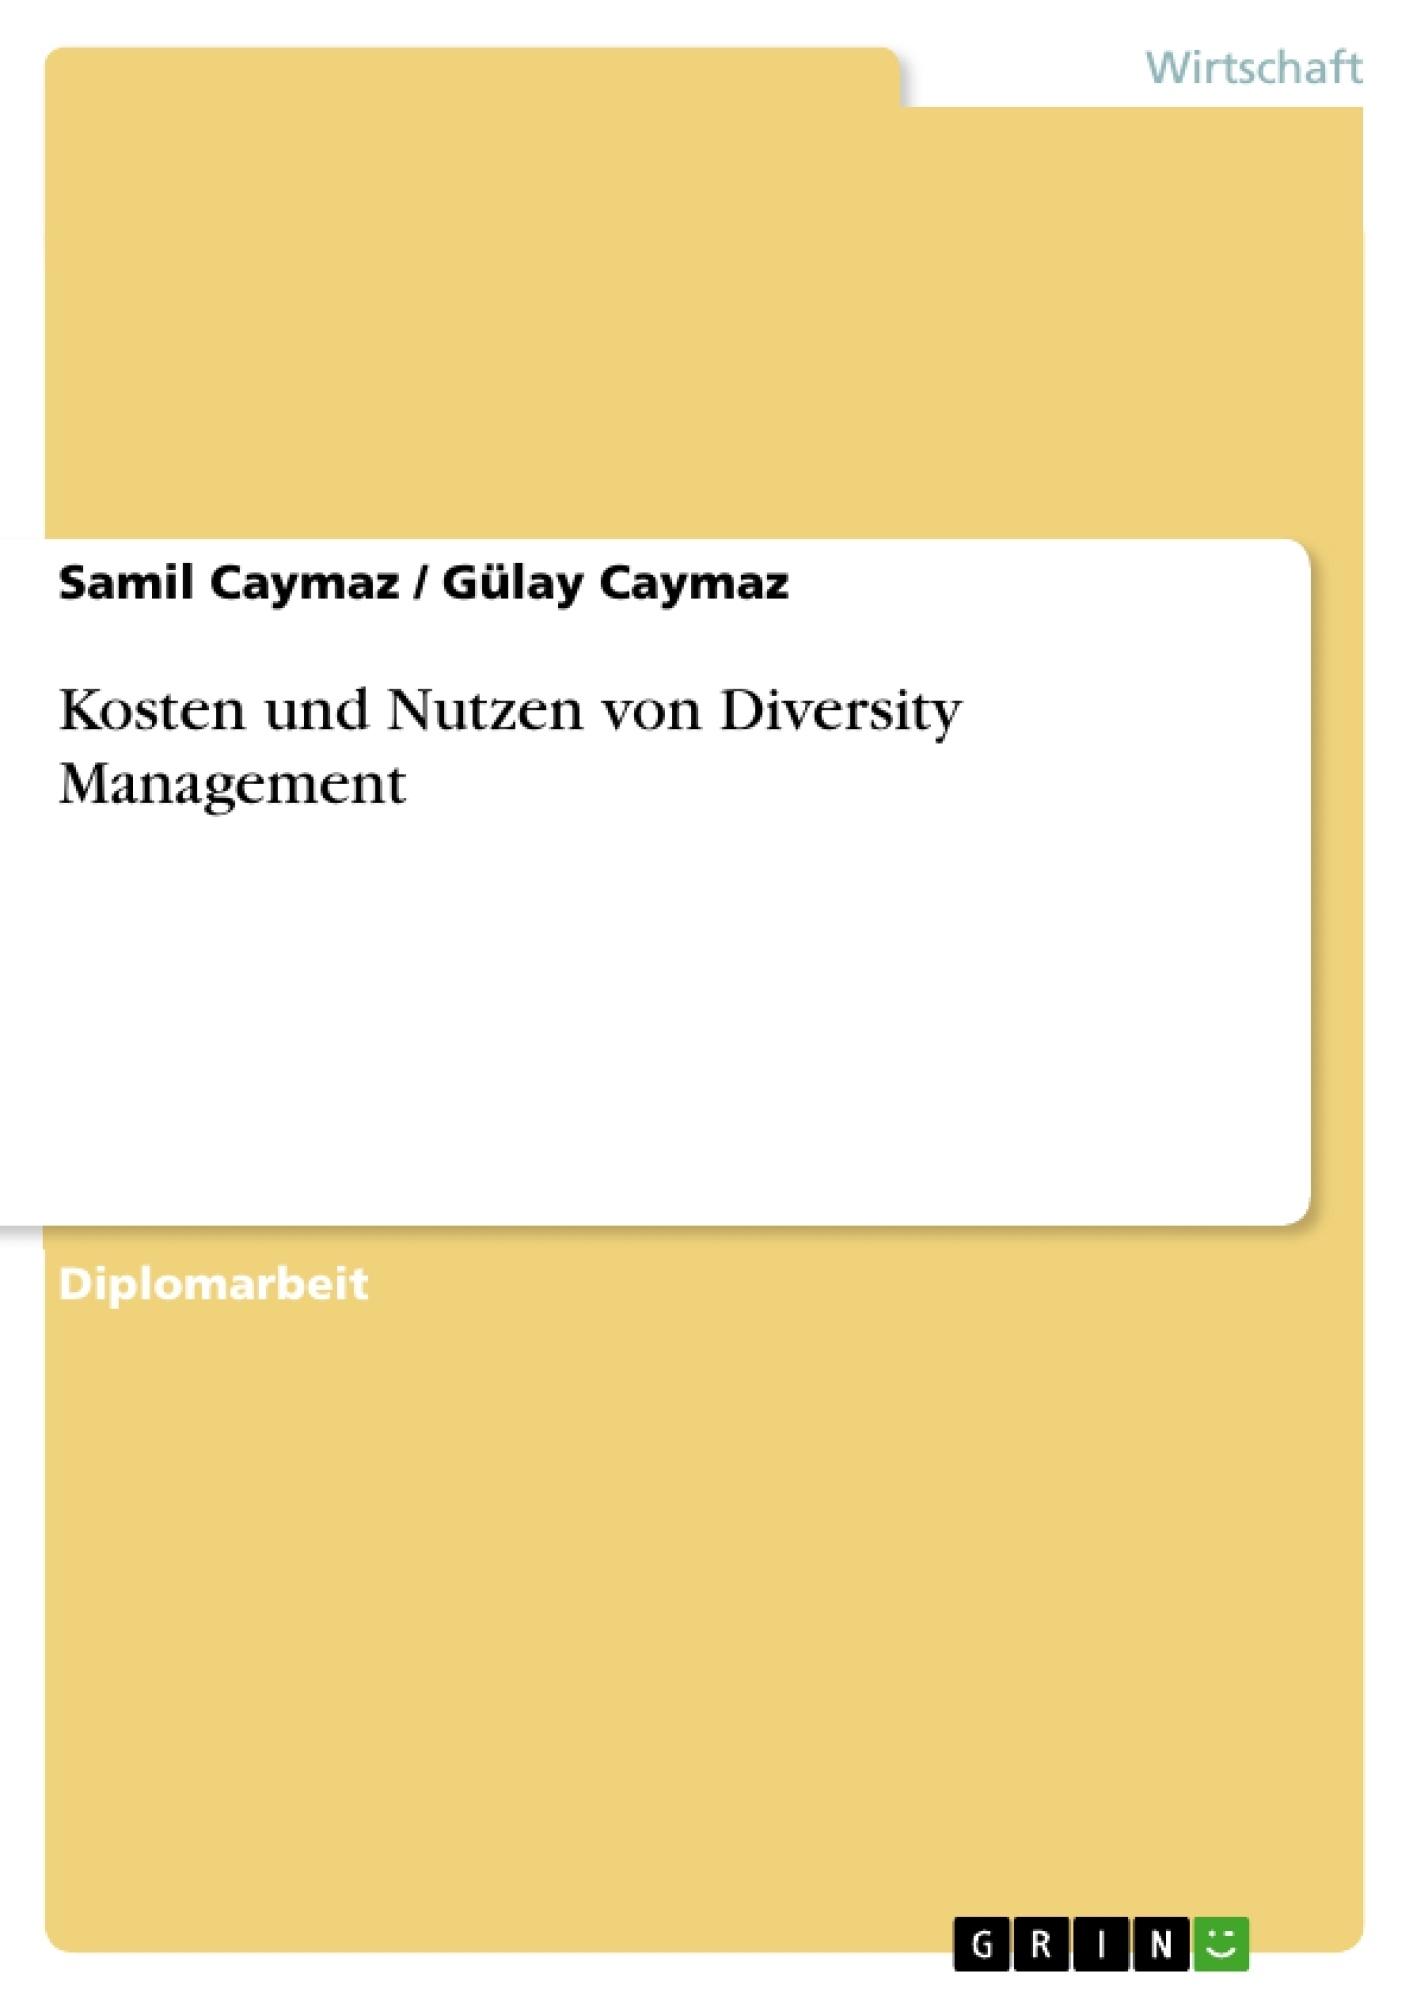 Titel: Kosten und Nutzen von Diversity Management